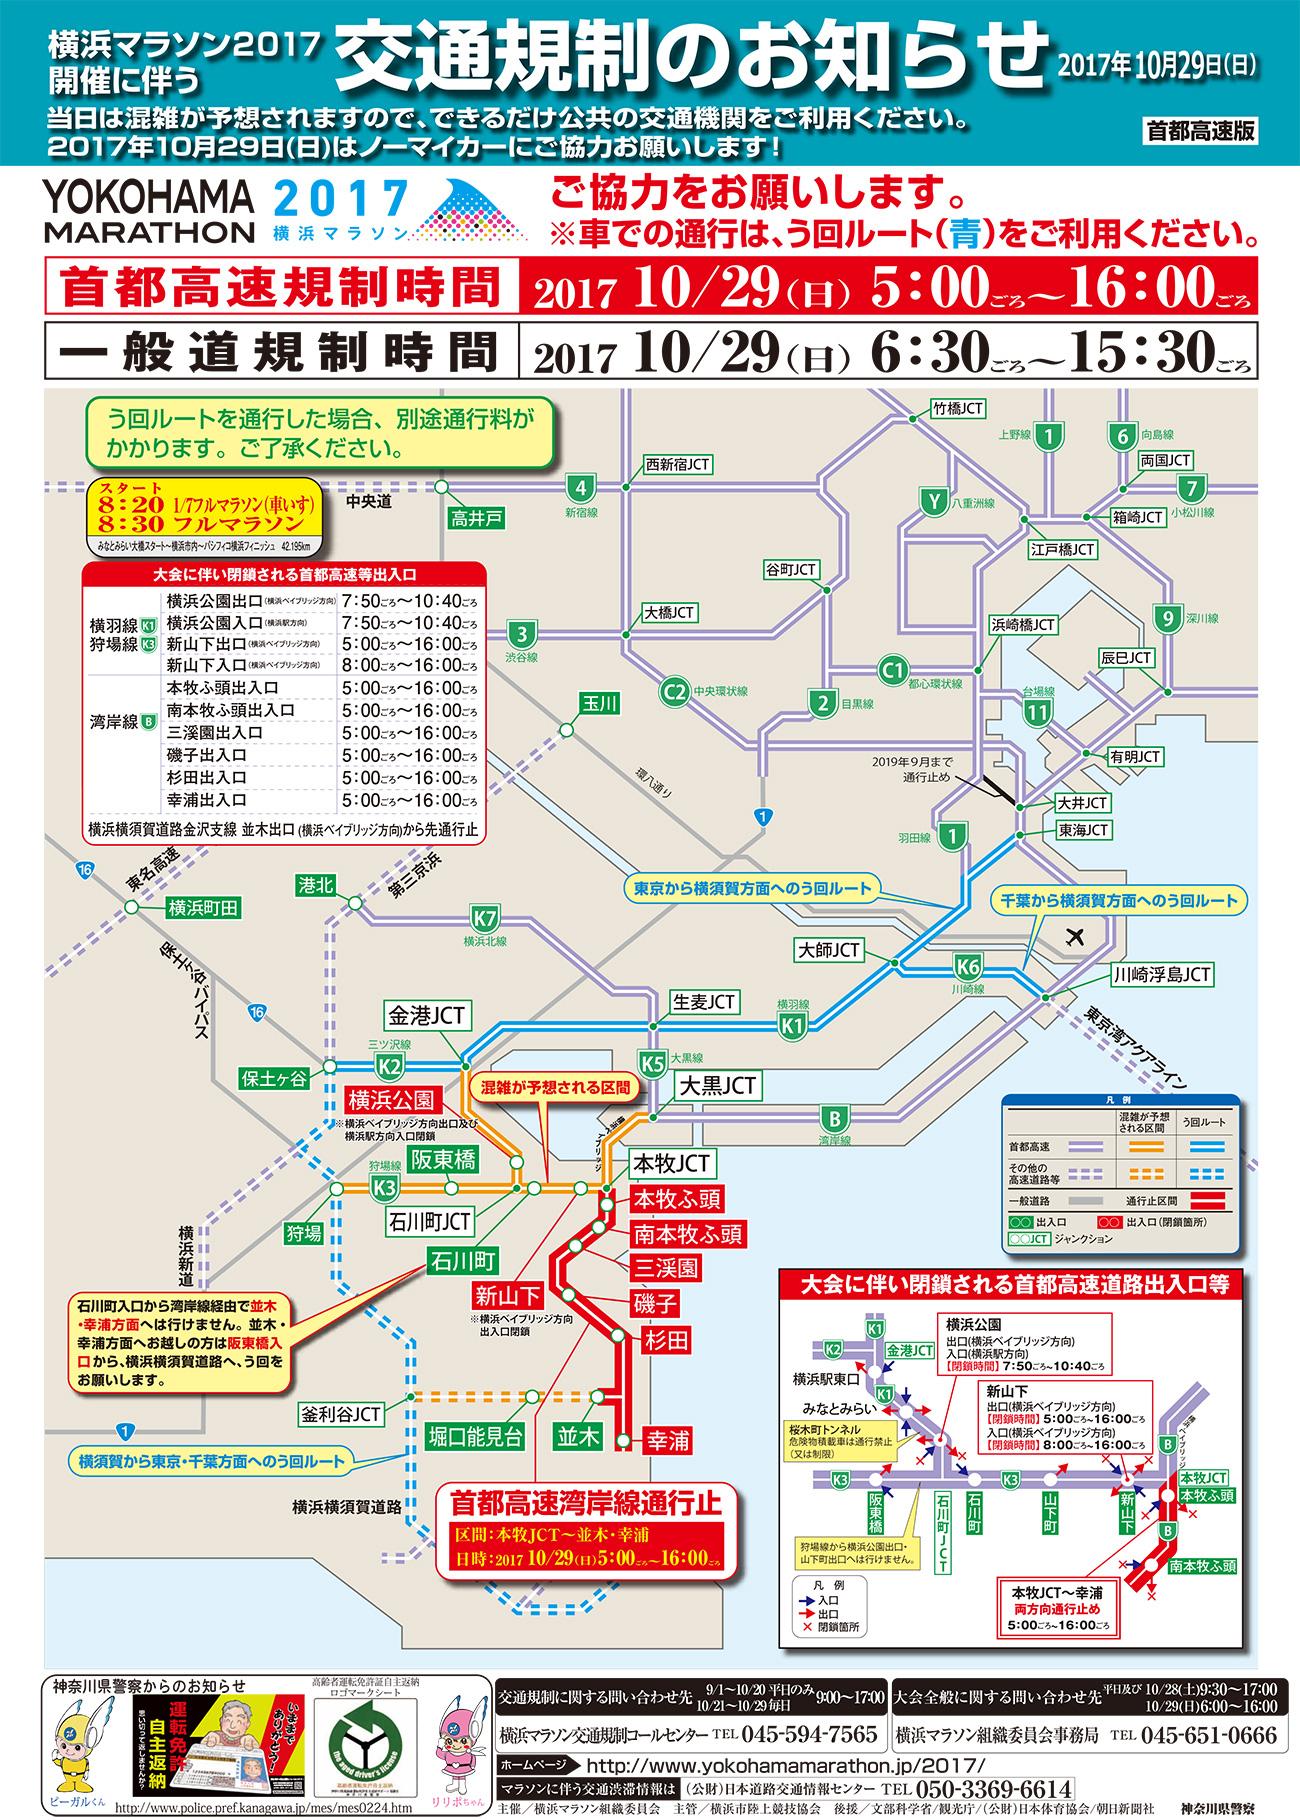 首都高速 交通規制の場所と時間